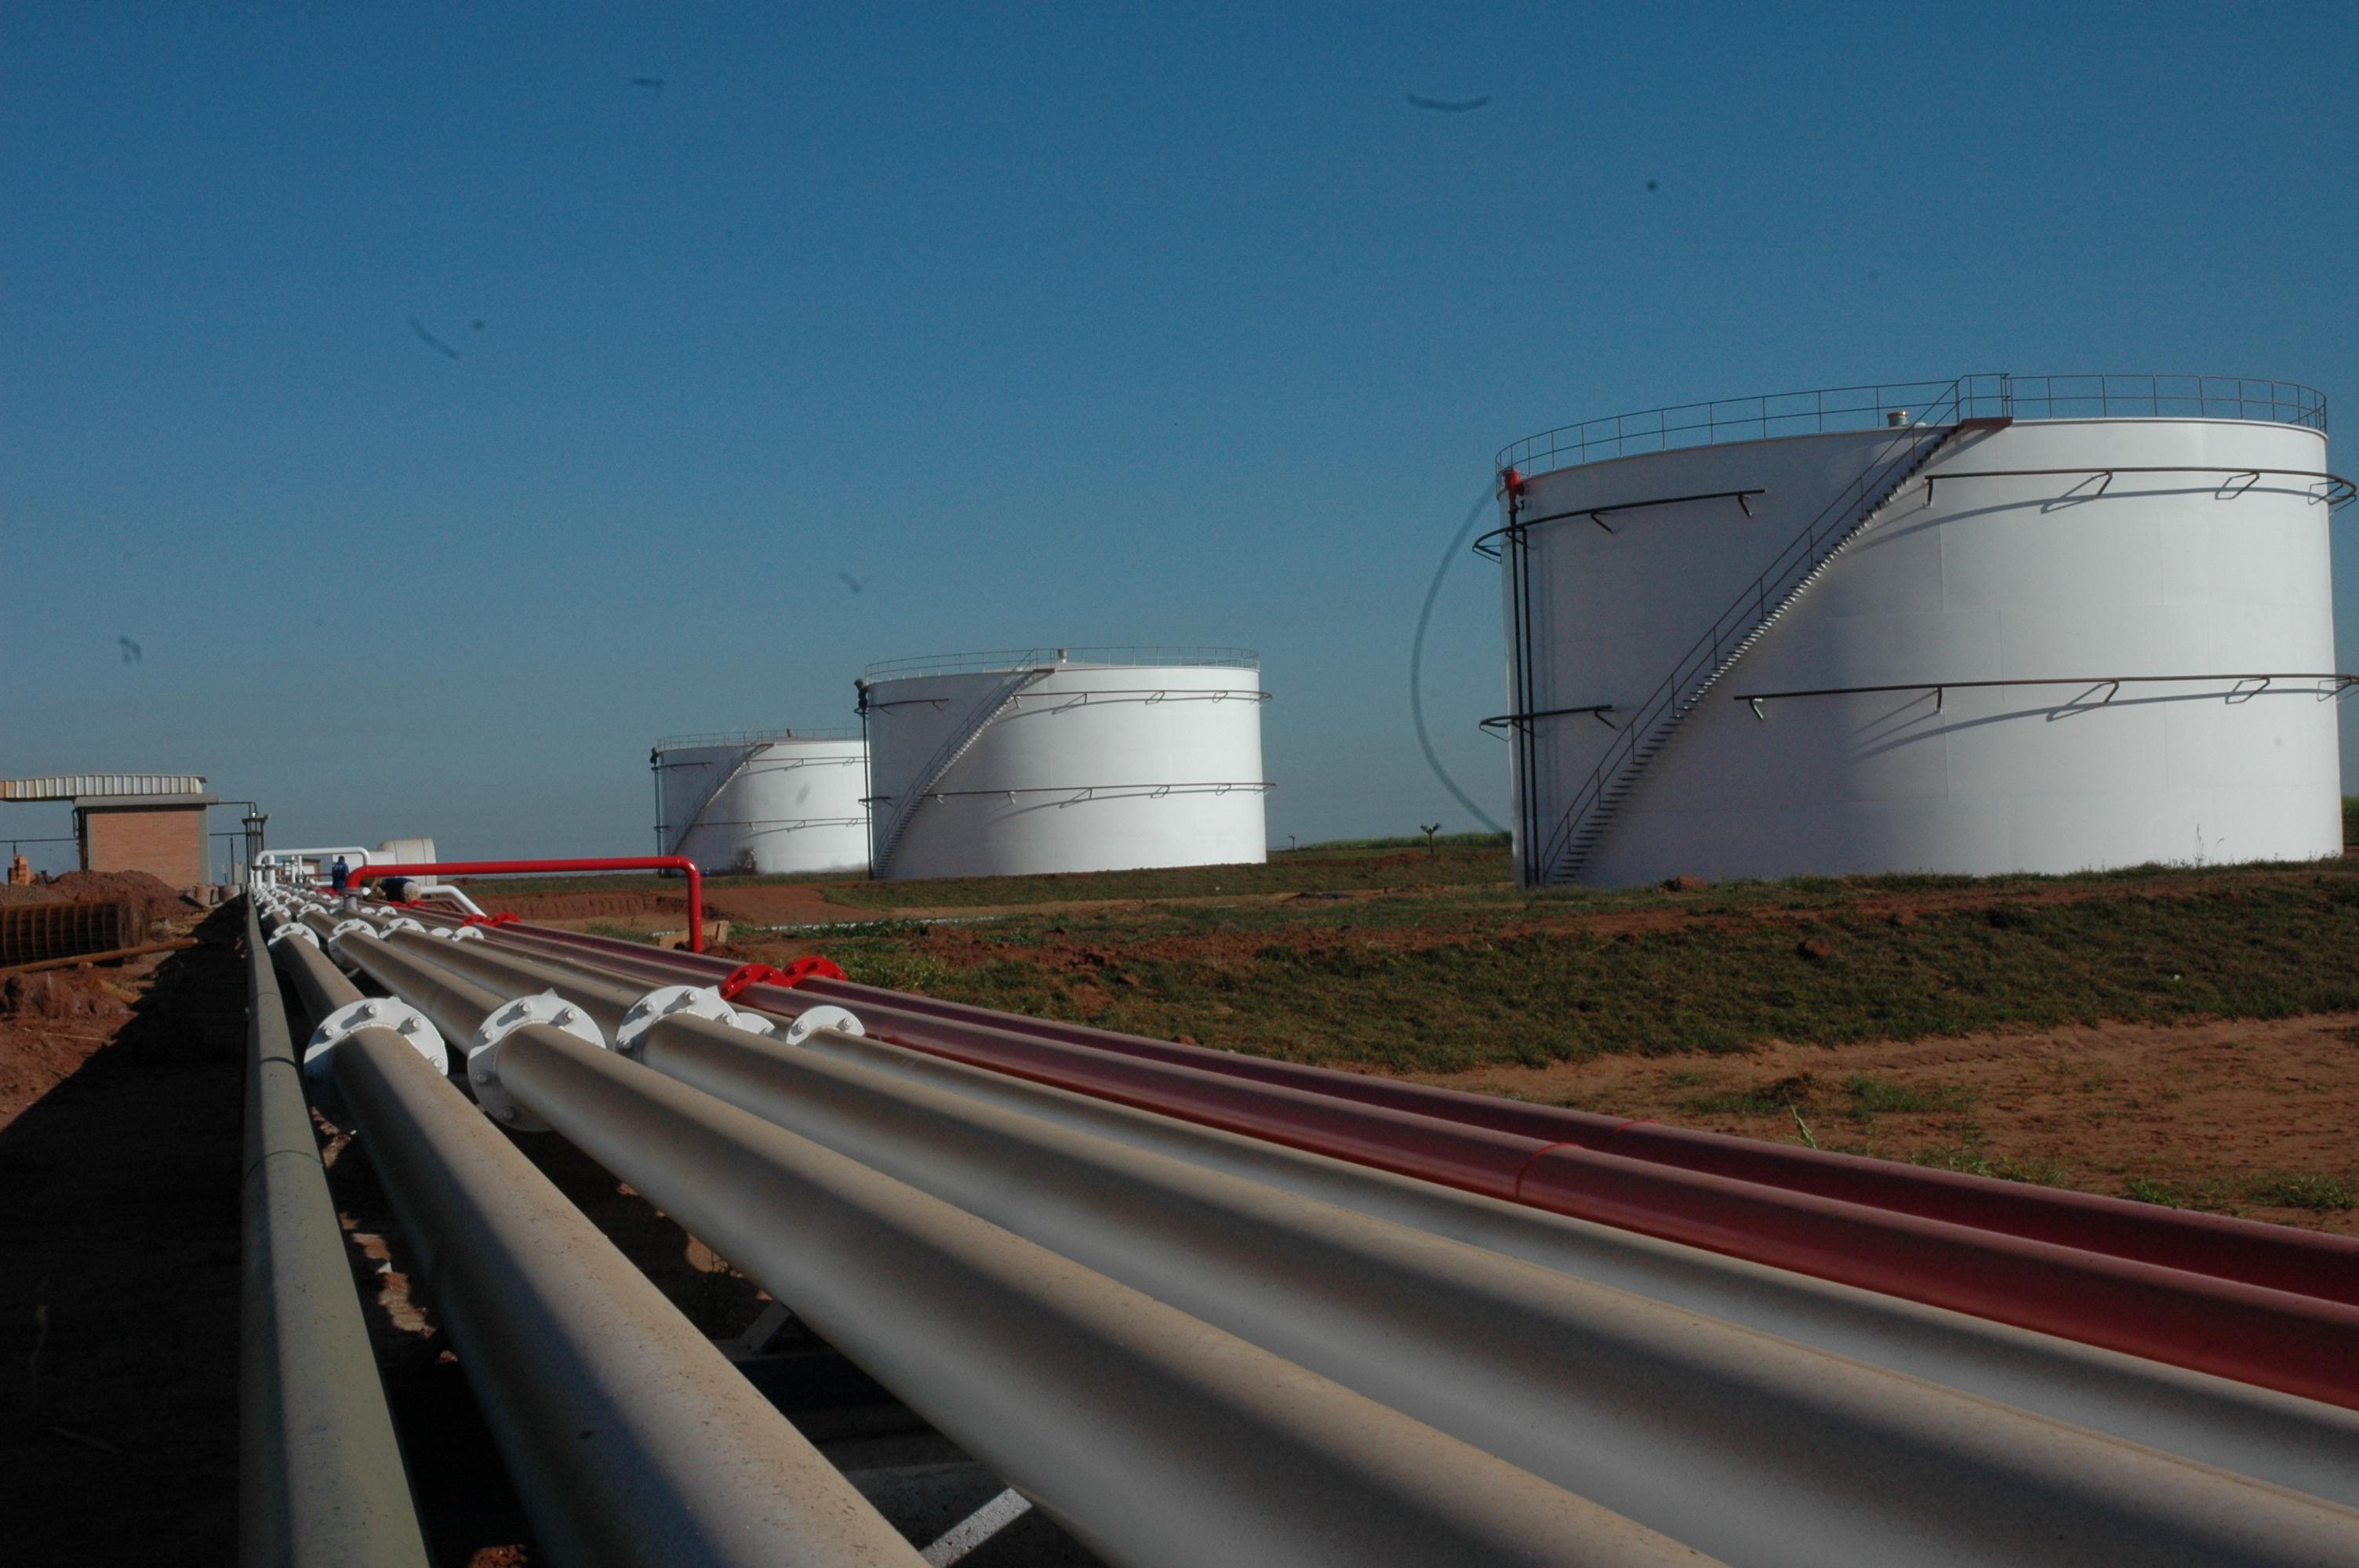 Resultado de imagem para Venda de hidratado cresce 15,8% e chega a 1,86 bilhão de litros